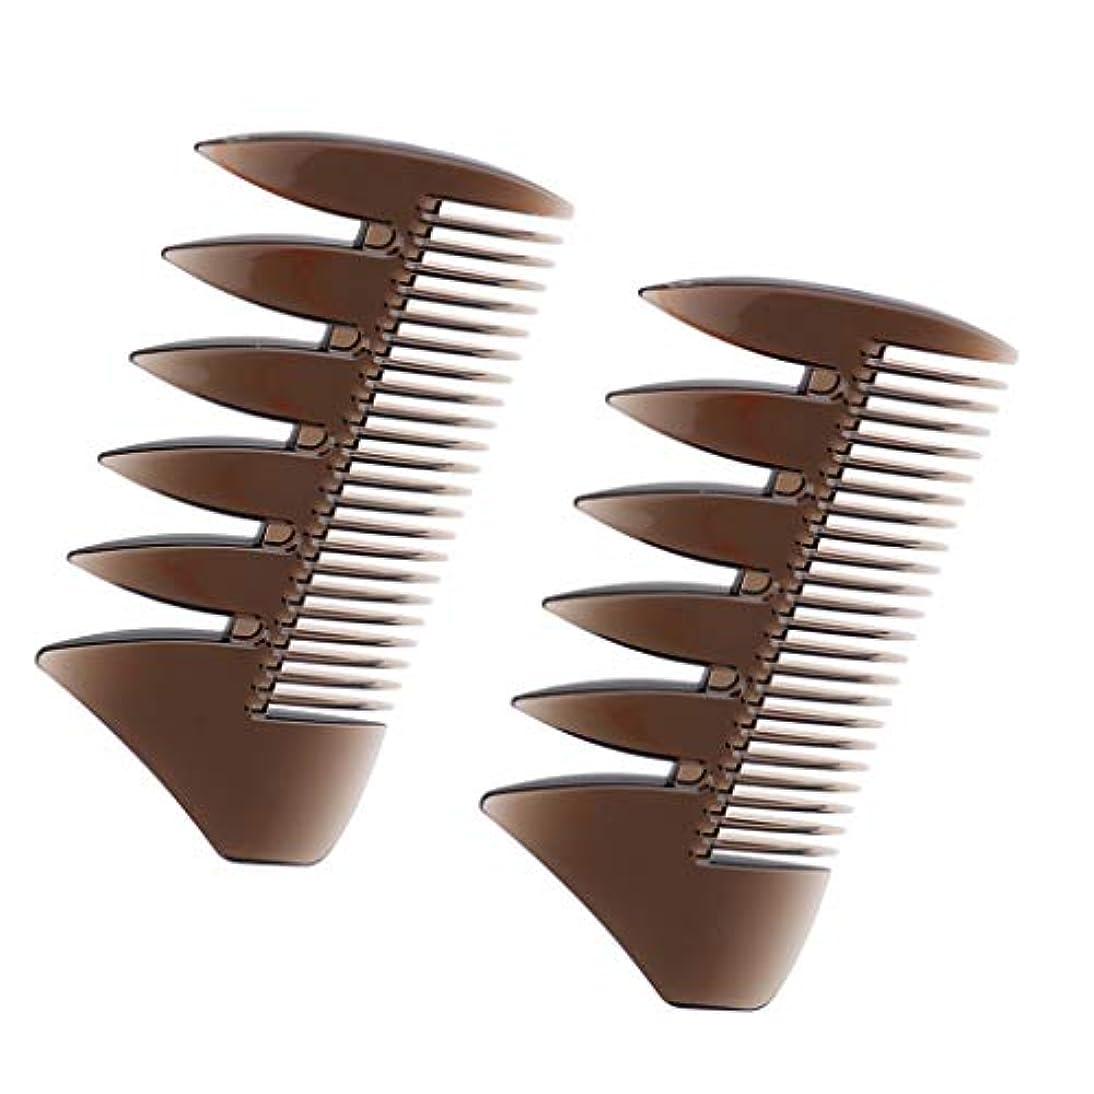 博覧会兵士枯渇するヘアコンビ デュアルサイド メンズ 髪櫛 ヘアサロン ヘアスタイリング 散髪店/美容院専用櫛2個入